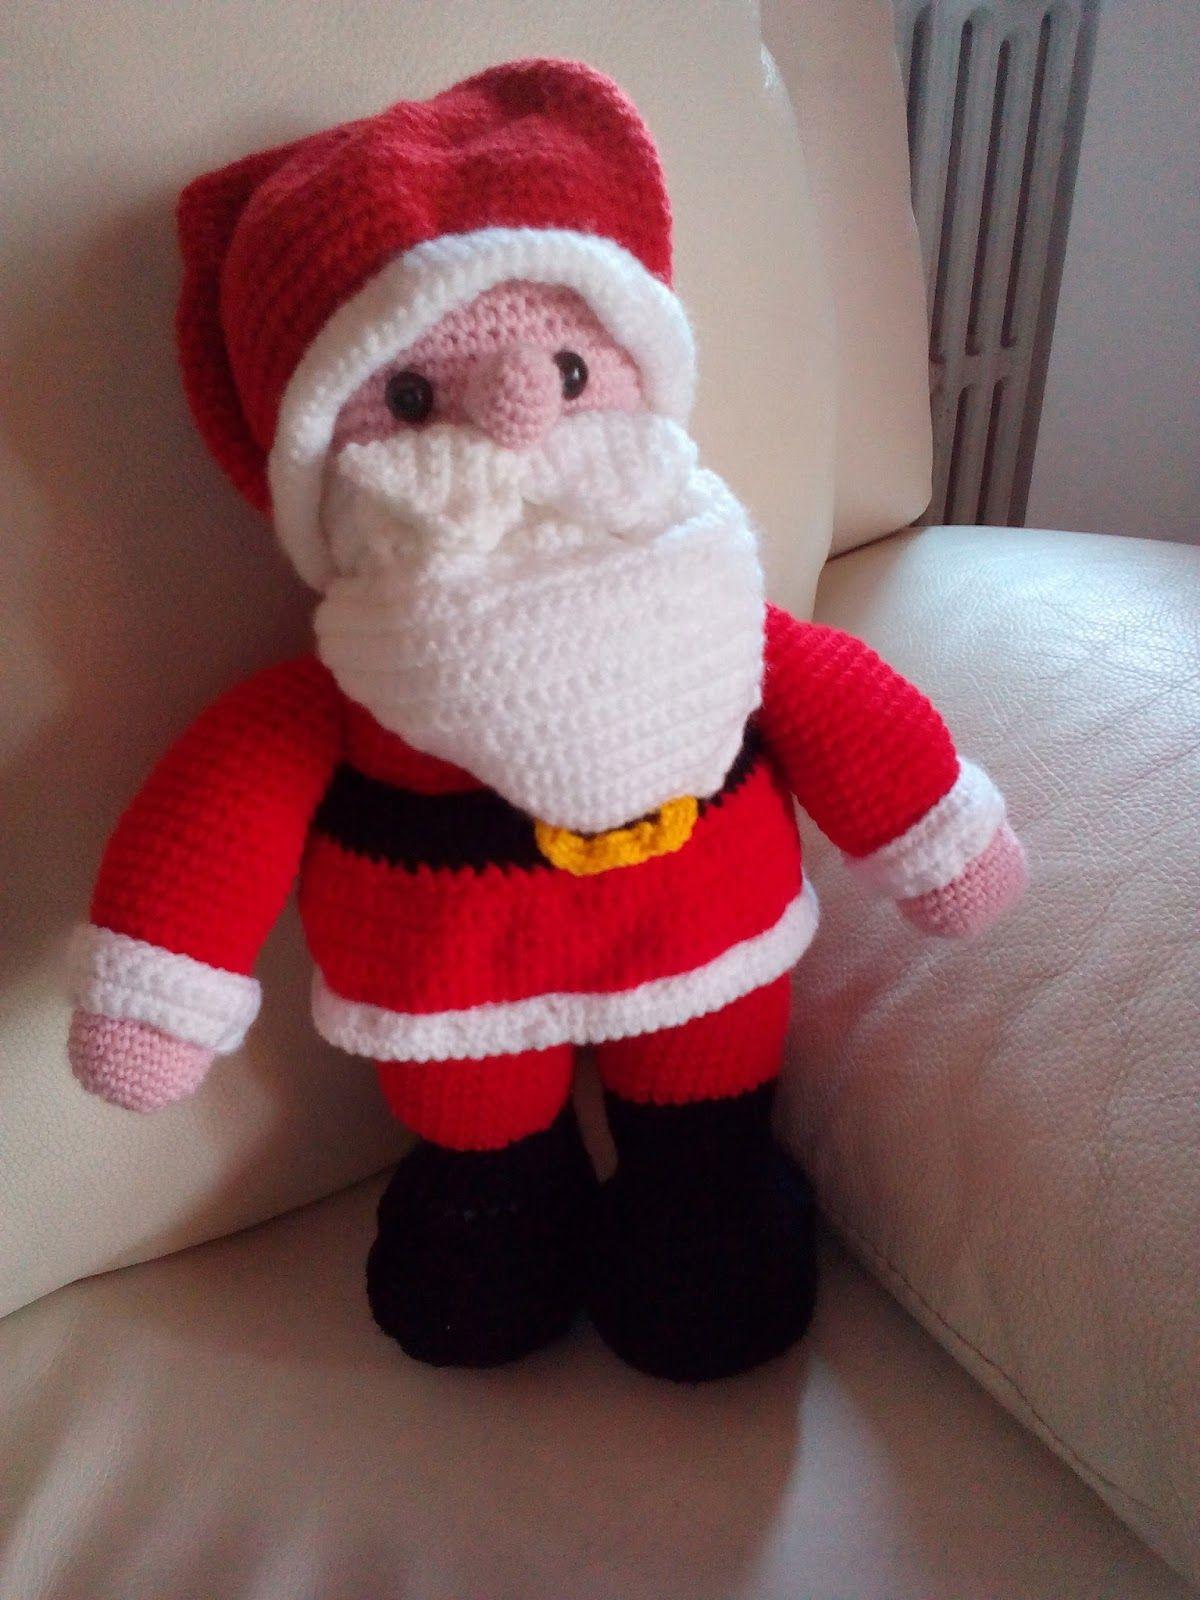 Babbo Natale In Spagnolo.Ho Trovato Questo Simpatico Babbo Natale Su Pinterest Che Mi